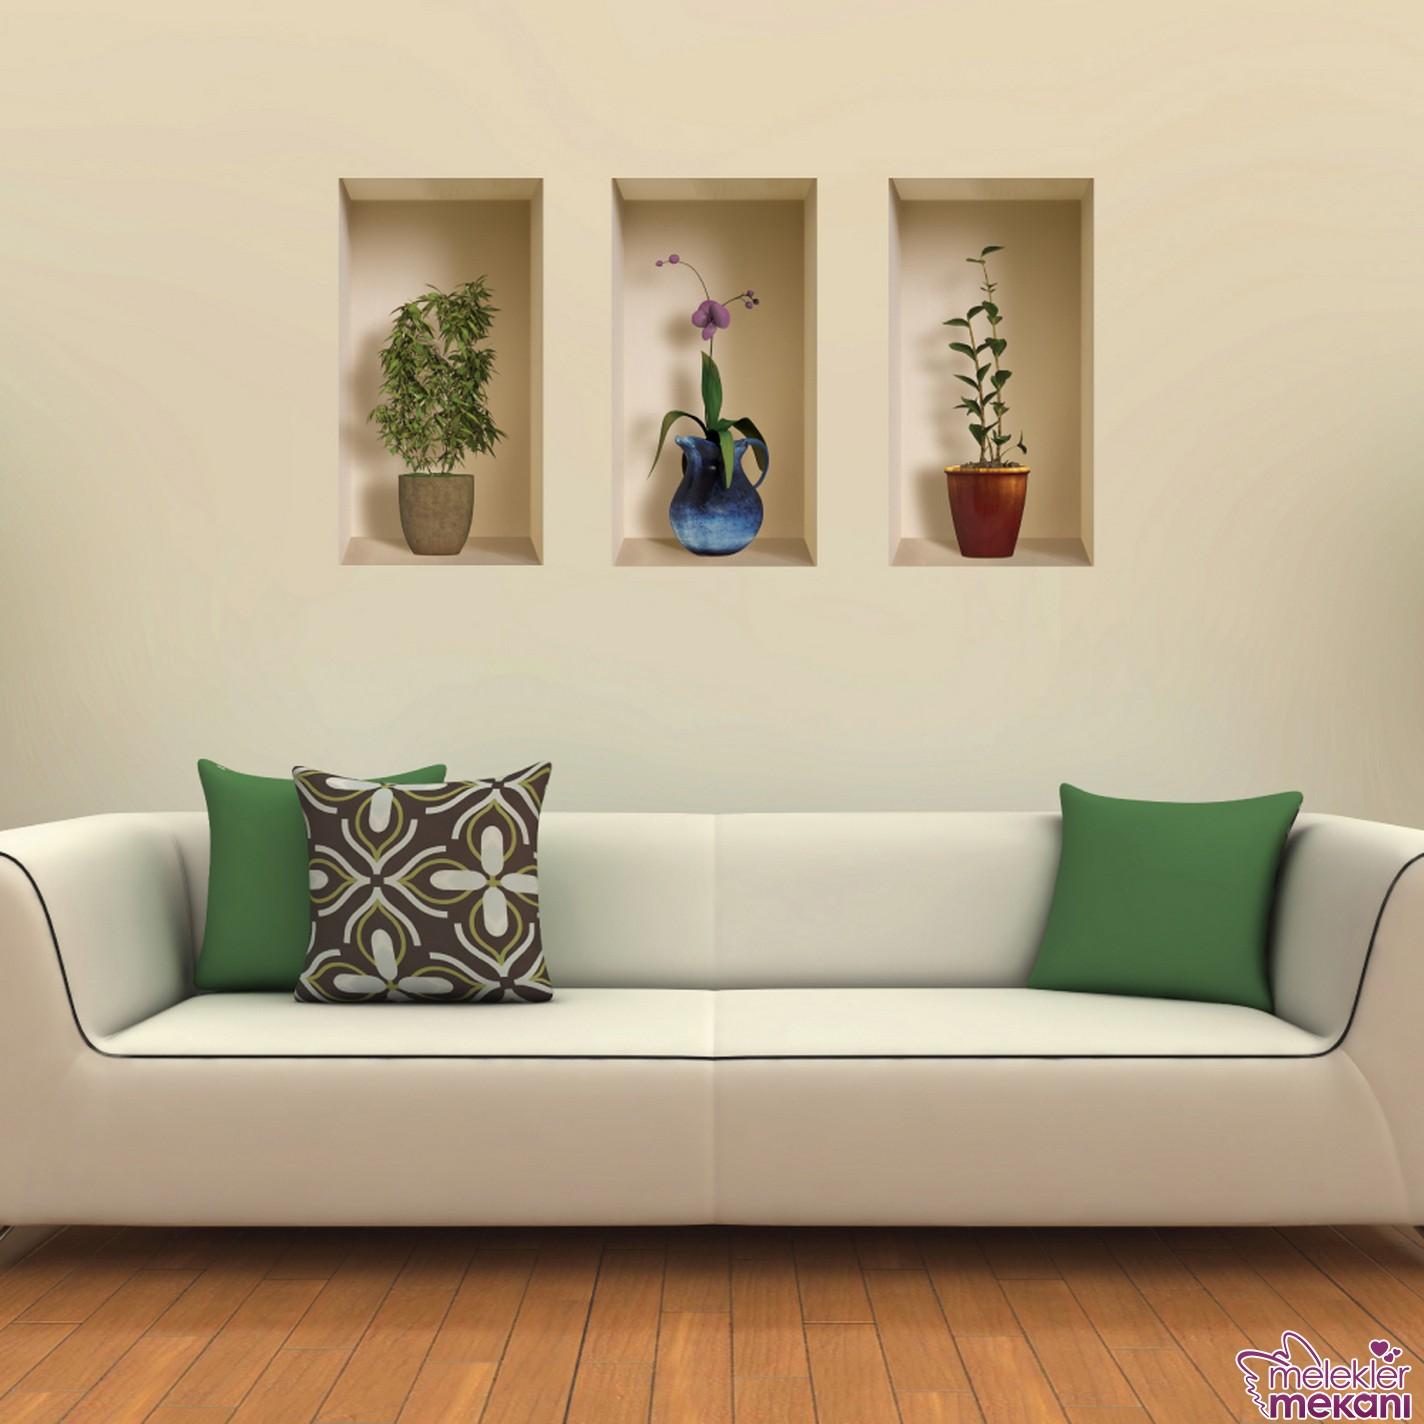 Sade salon niş modelleri tercihi ile oda dekoratifliklerinizde göz yormayan ortam zenginlikleri yakalayabilirsiniz.